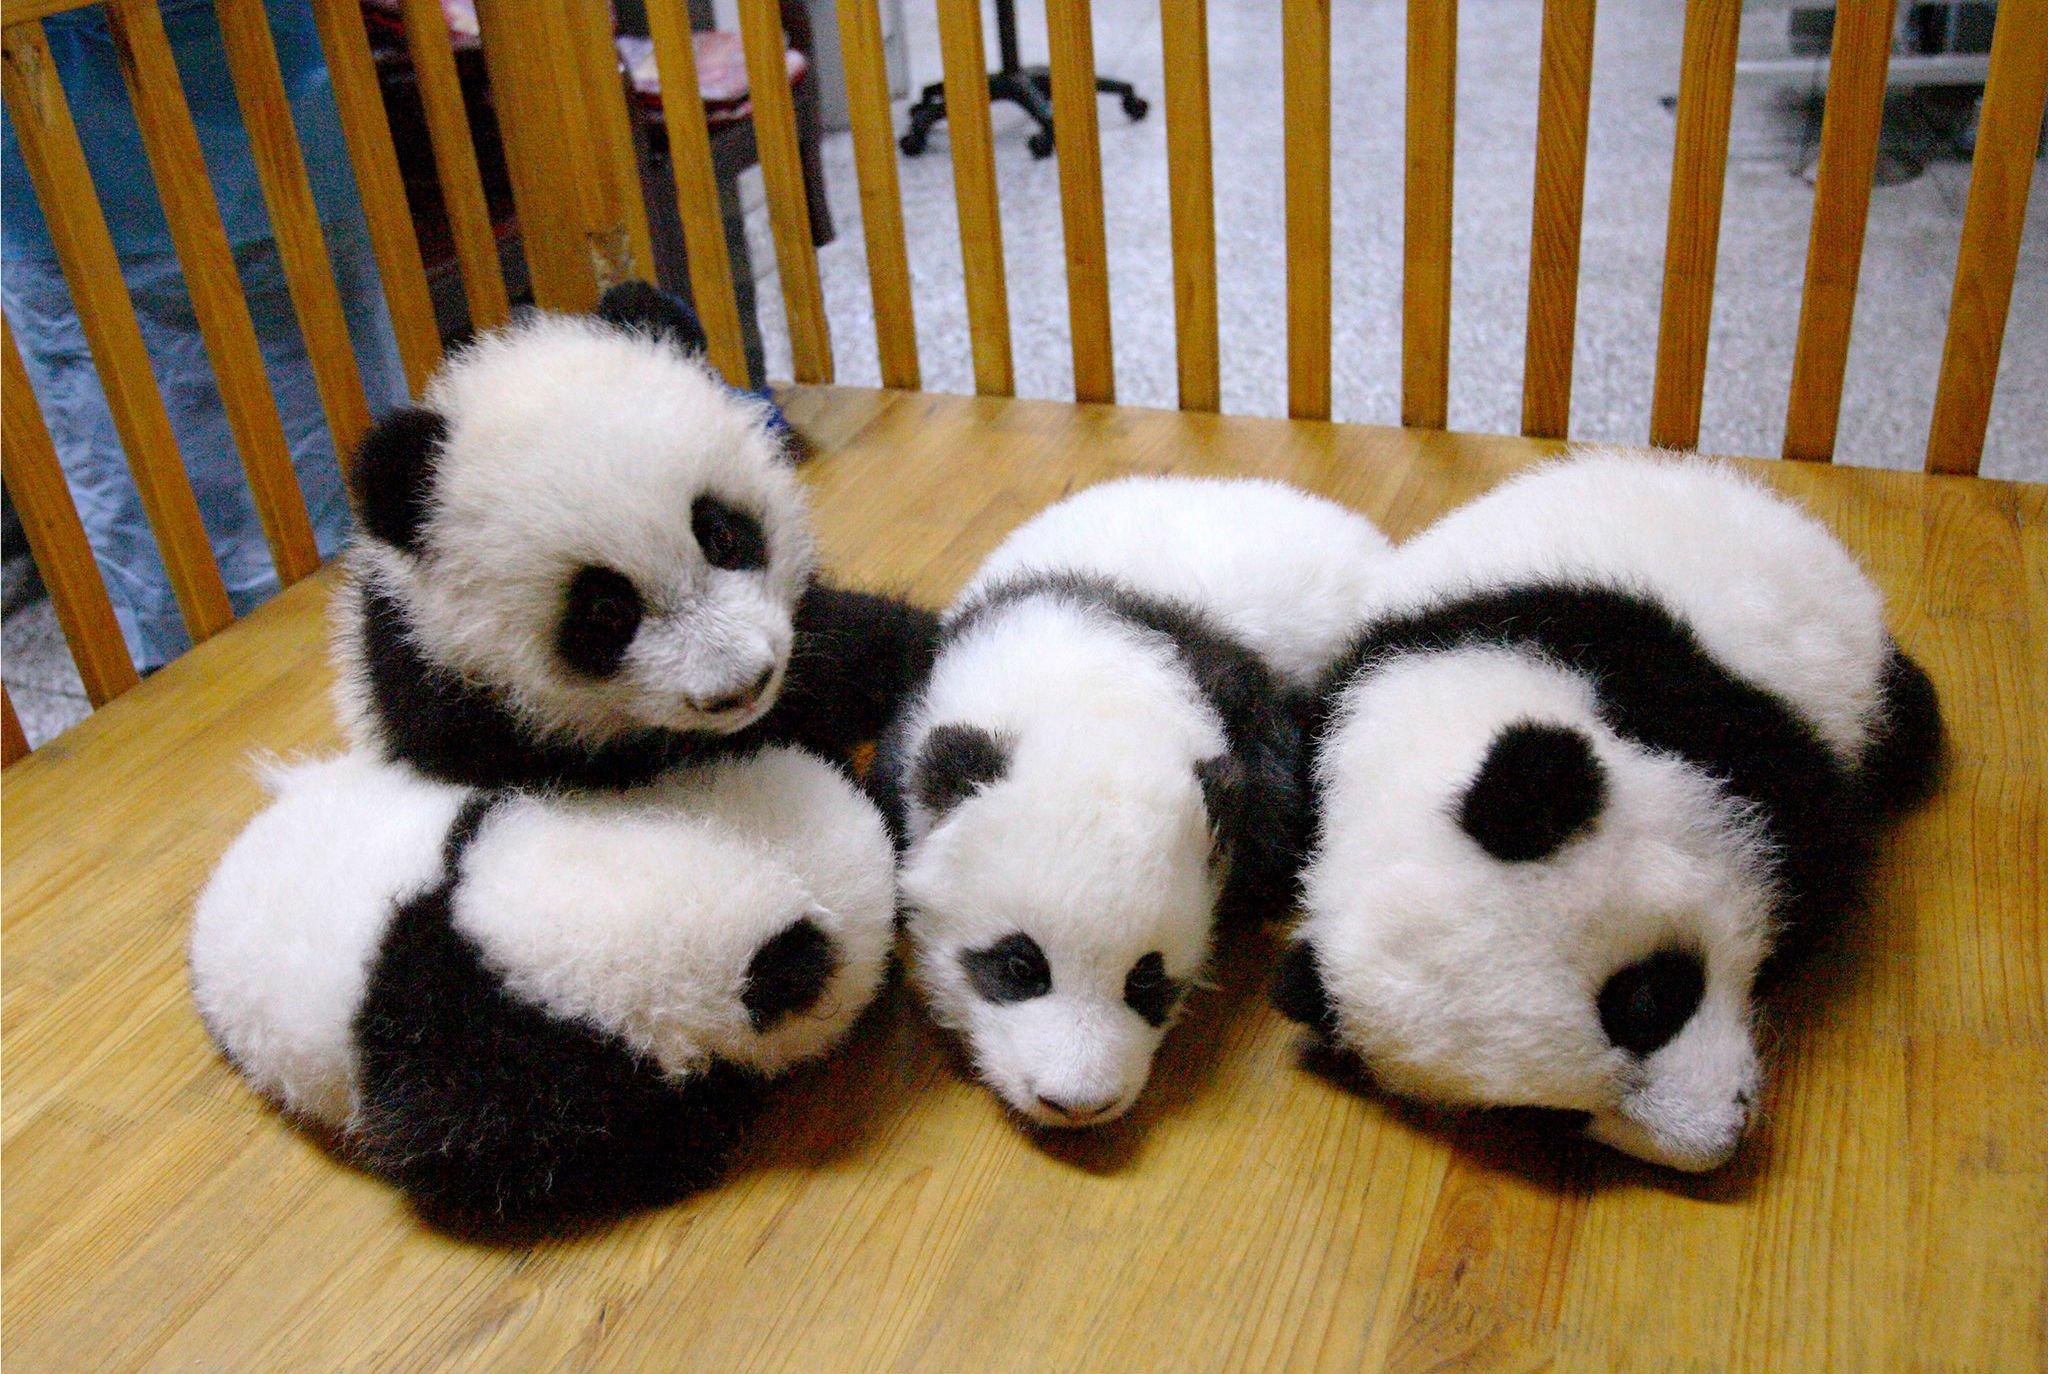 Cute Baby Panda Pics: Panda Pandas Baer Bears Baby Cute (29) Wallpaper